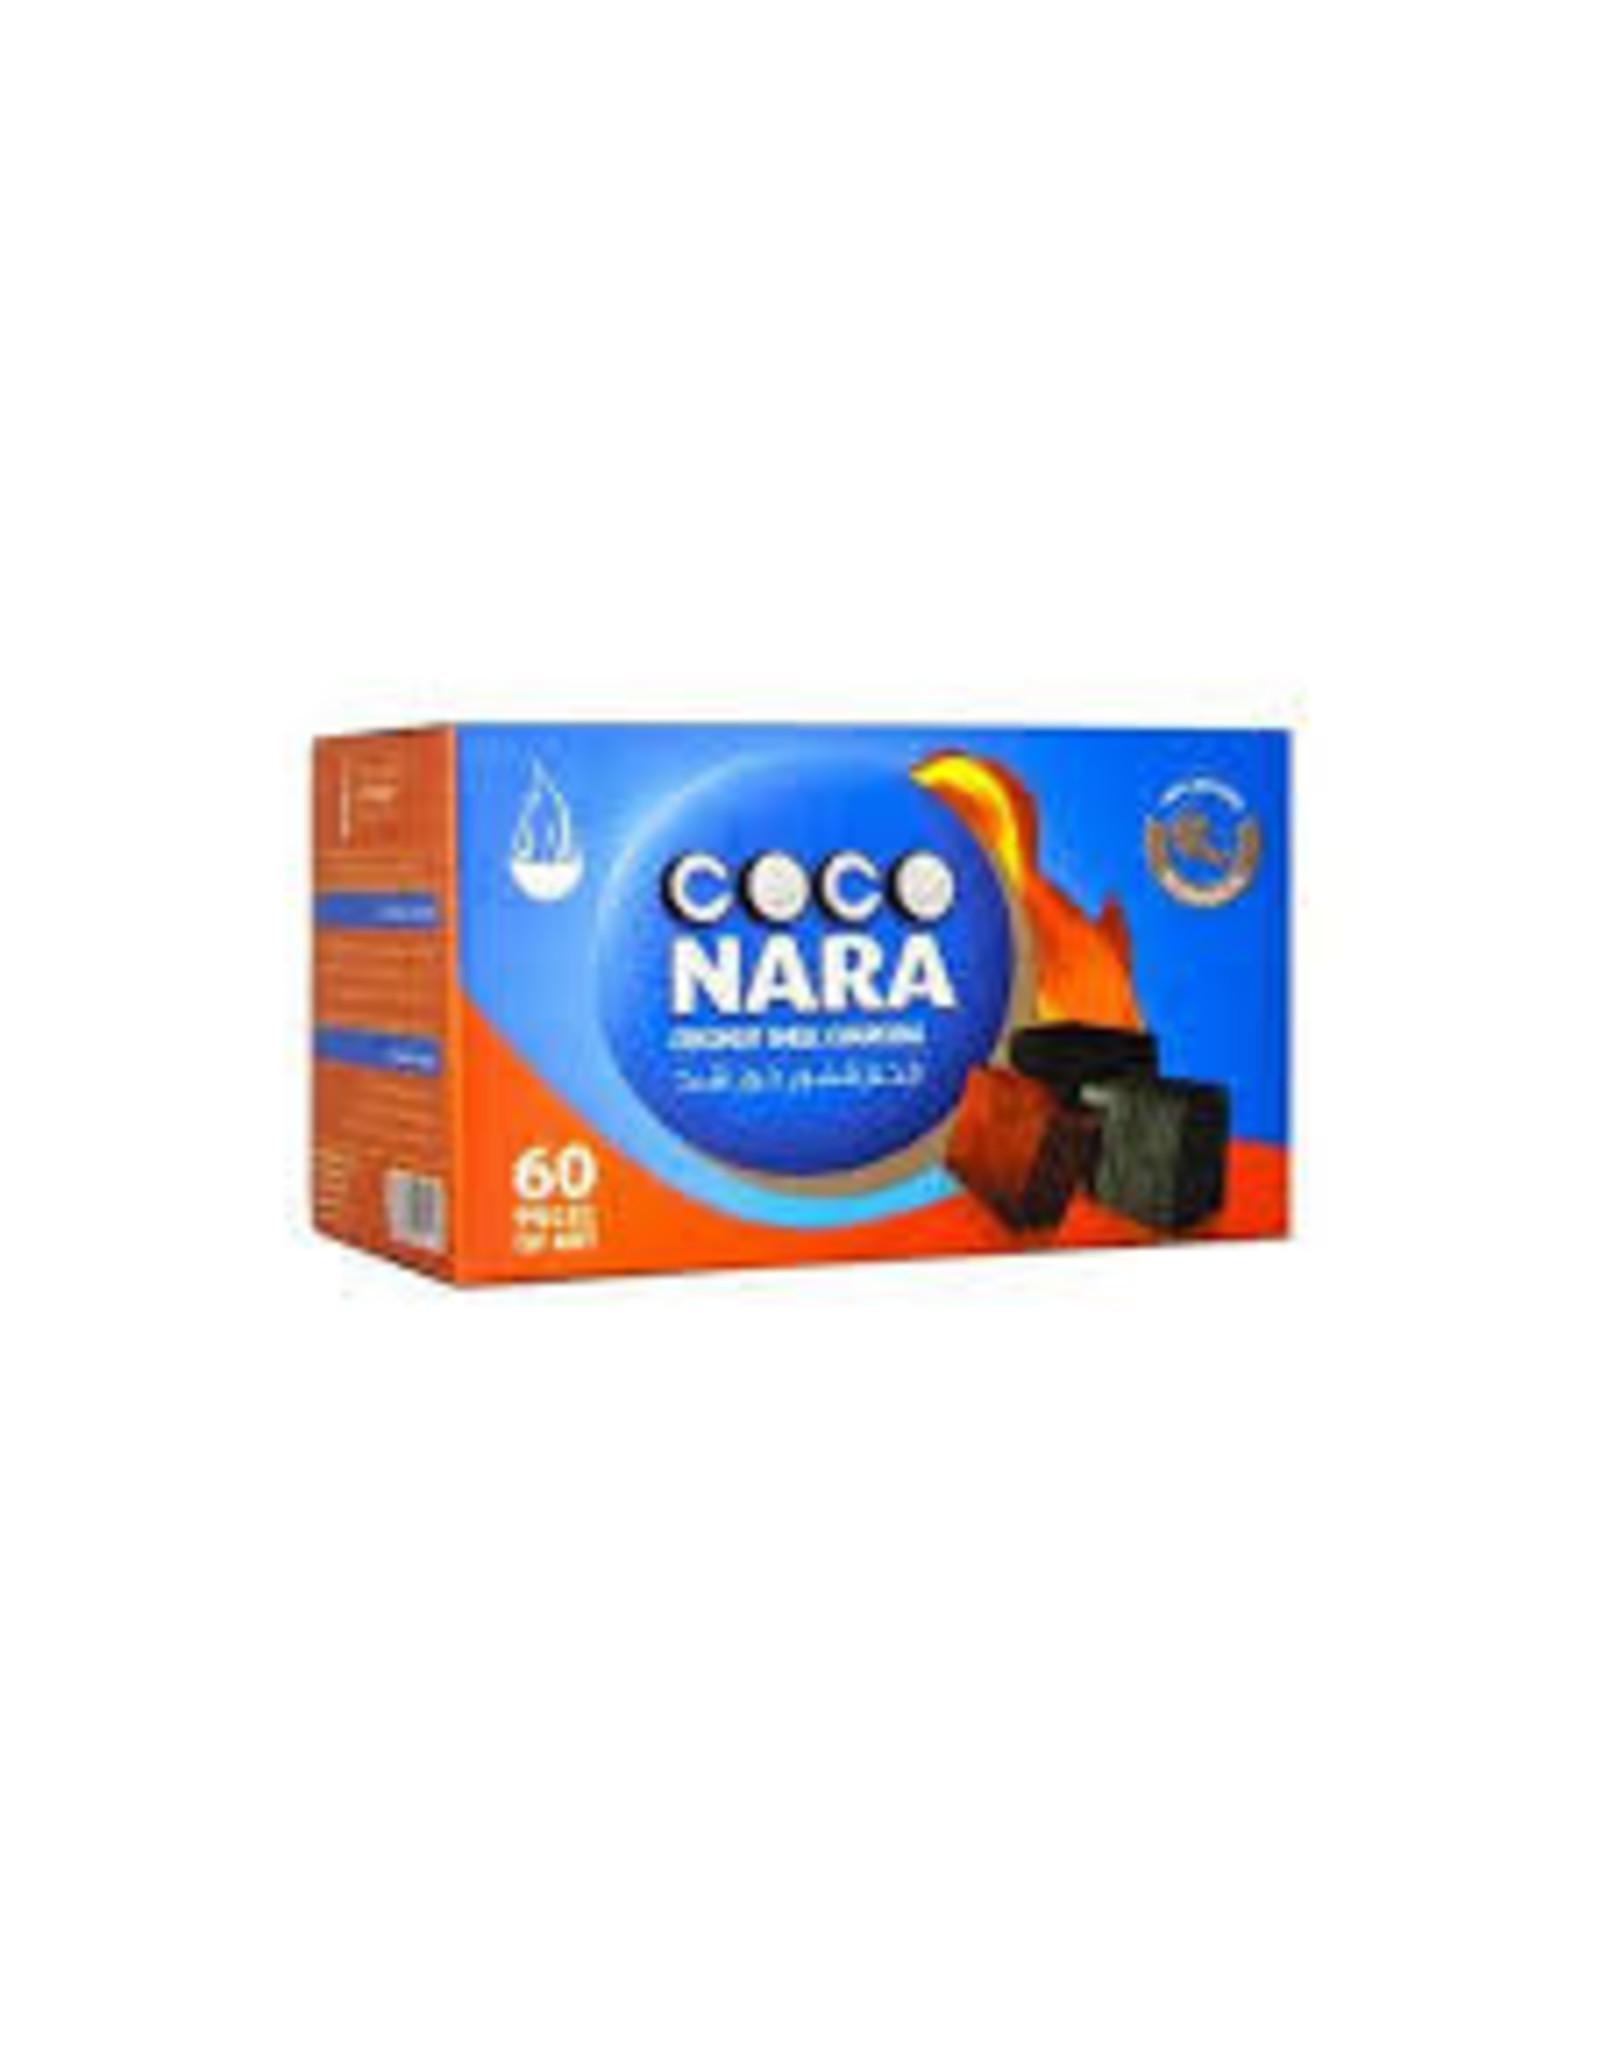 COCO NARA COCO NARA CHARCOAL MEDIUM BOX